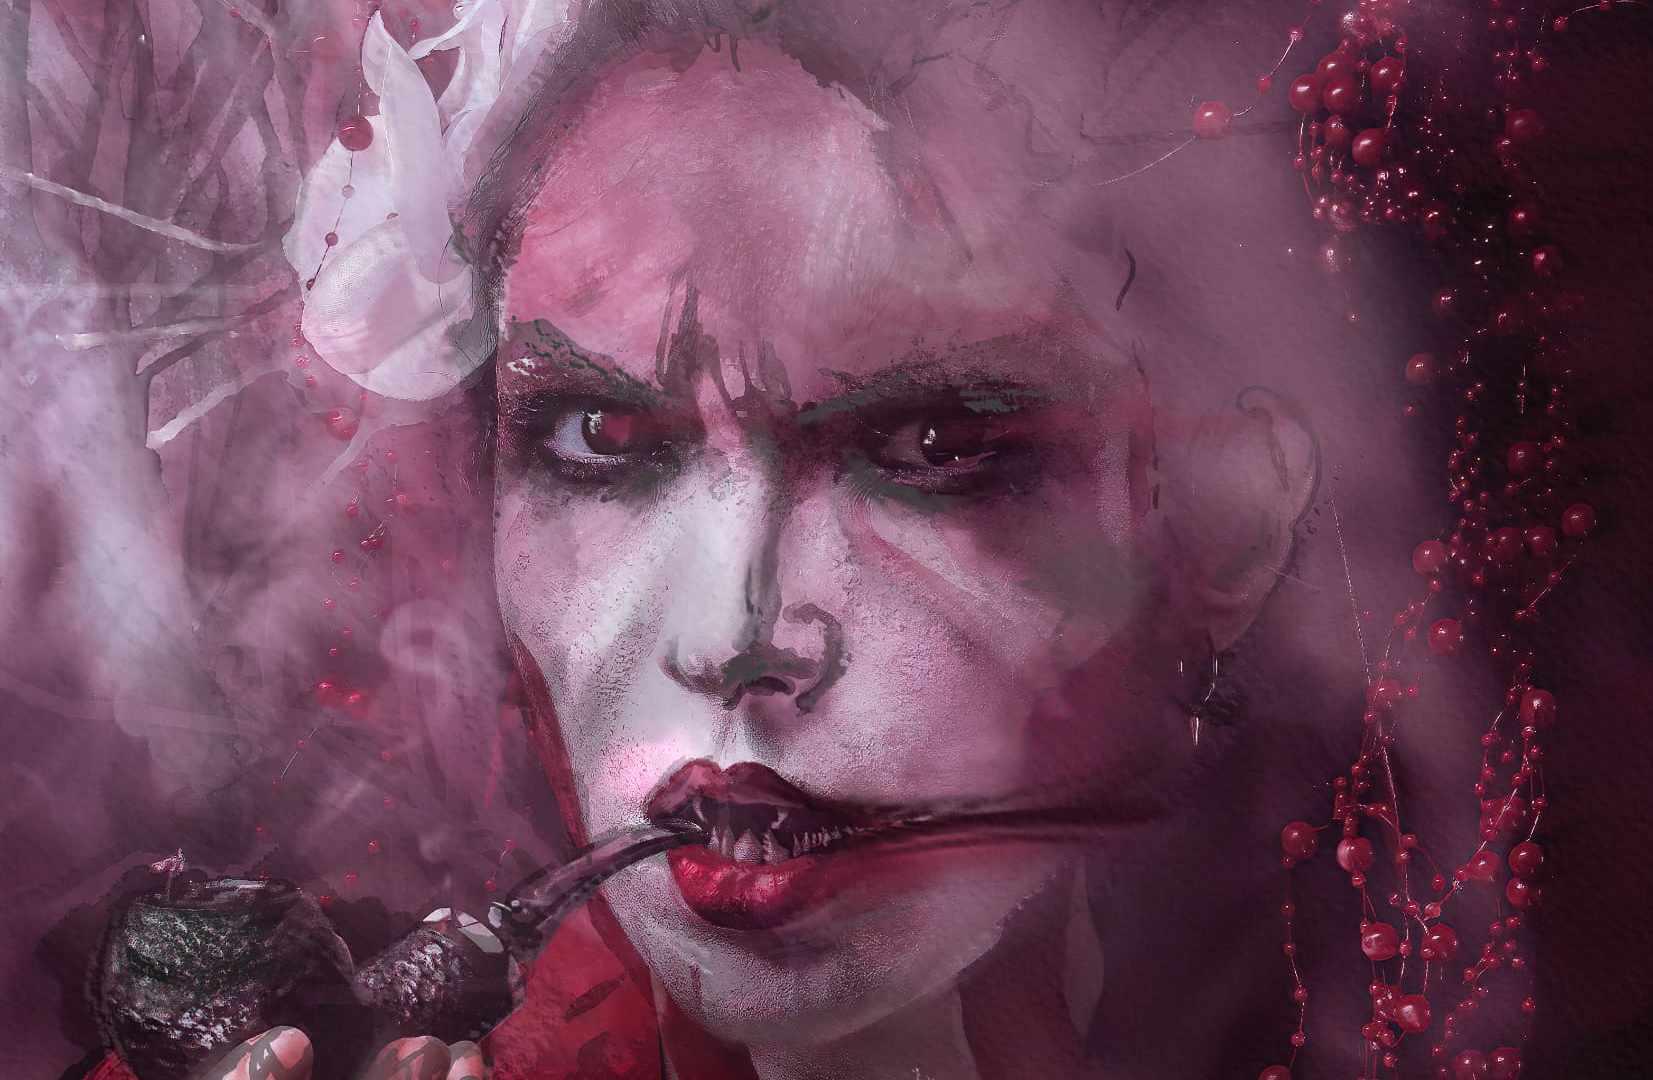 Geisha - Digiartwork